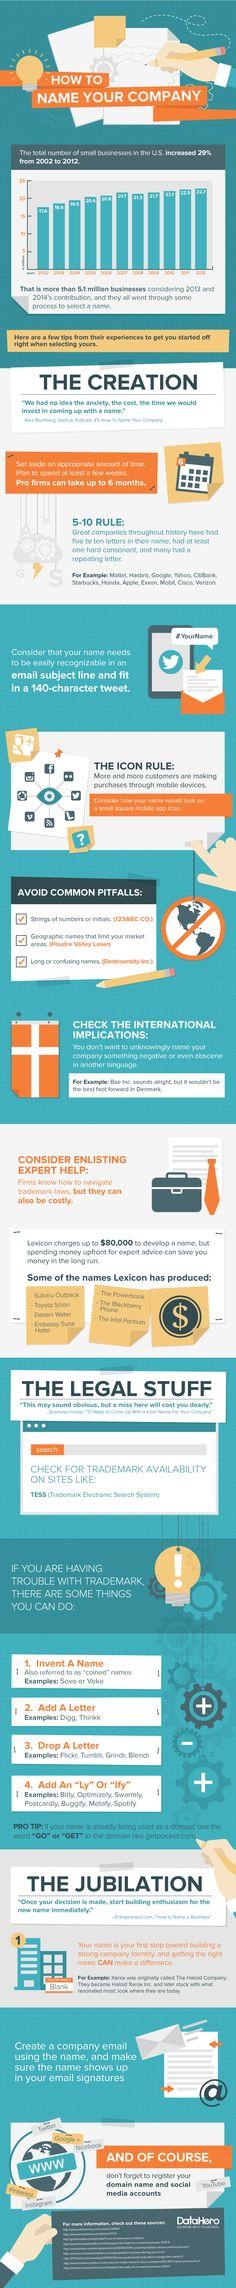 How to Name Your Company (Infographic) via @angela4design from Inc.com